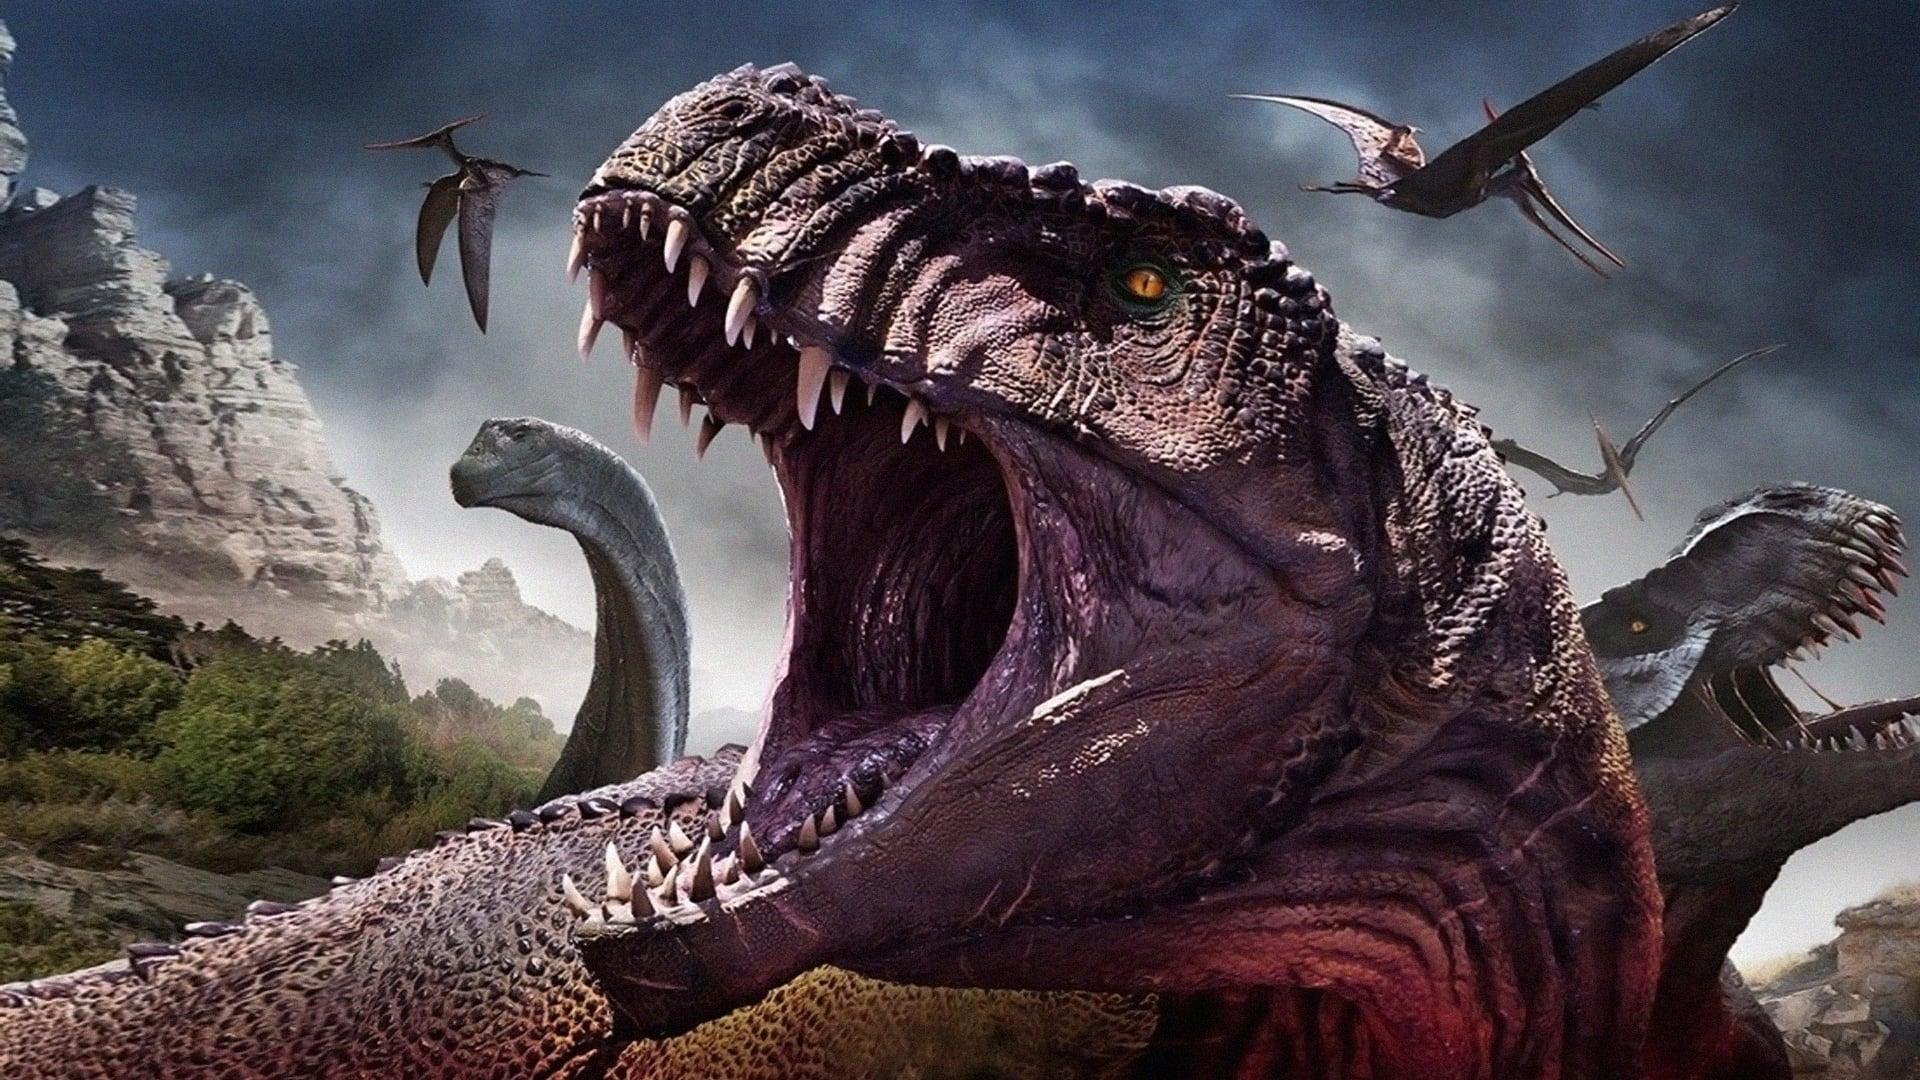 DESCARGAR The Jurassic Games (2018) pelicula completa en español latino Gratis